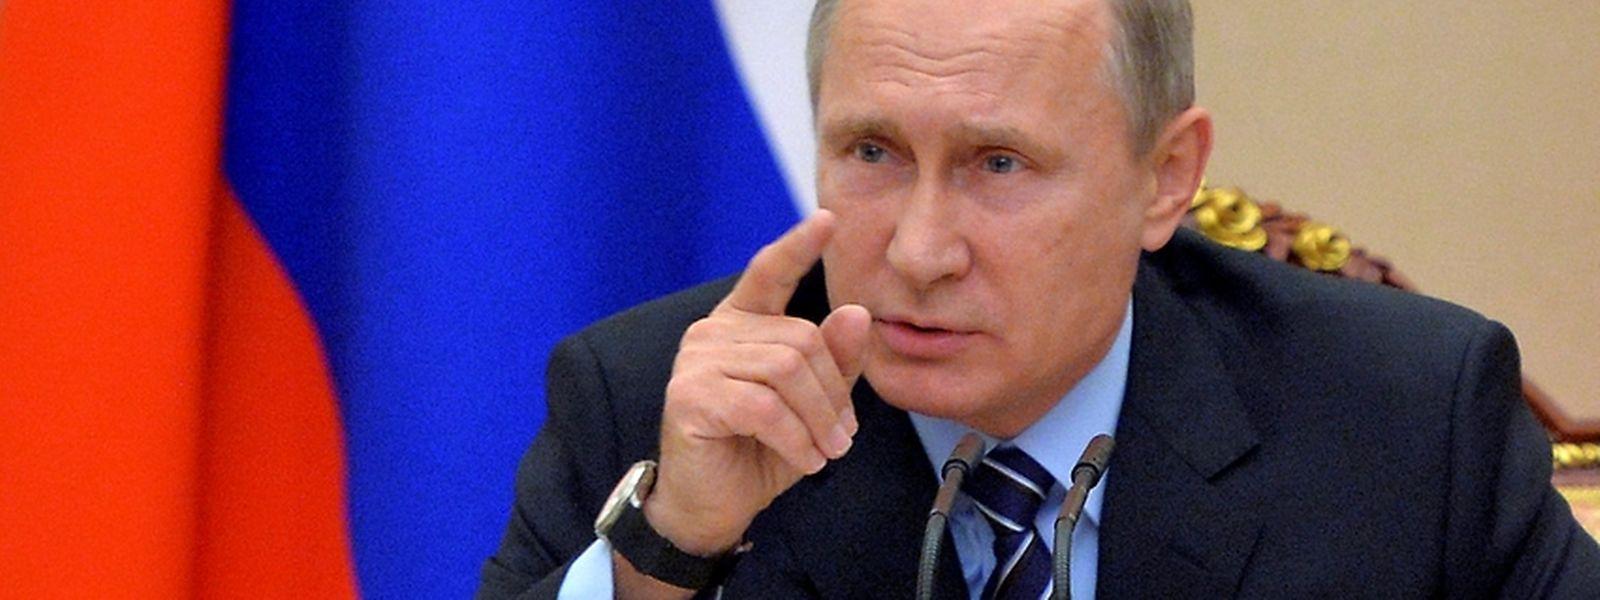 Wladimir Putin erhofft sich von der Wahl eine Verbesserung der russich-amerikanischen Beziehungen.